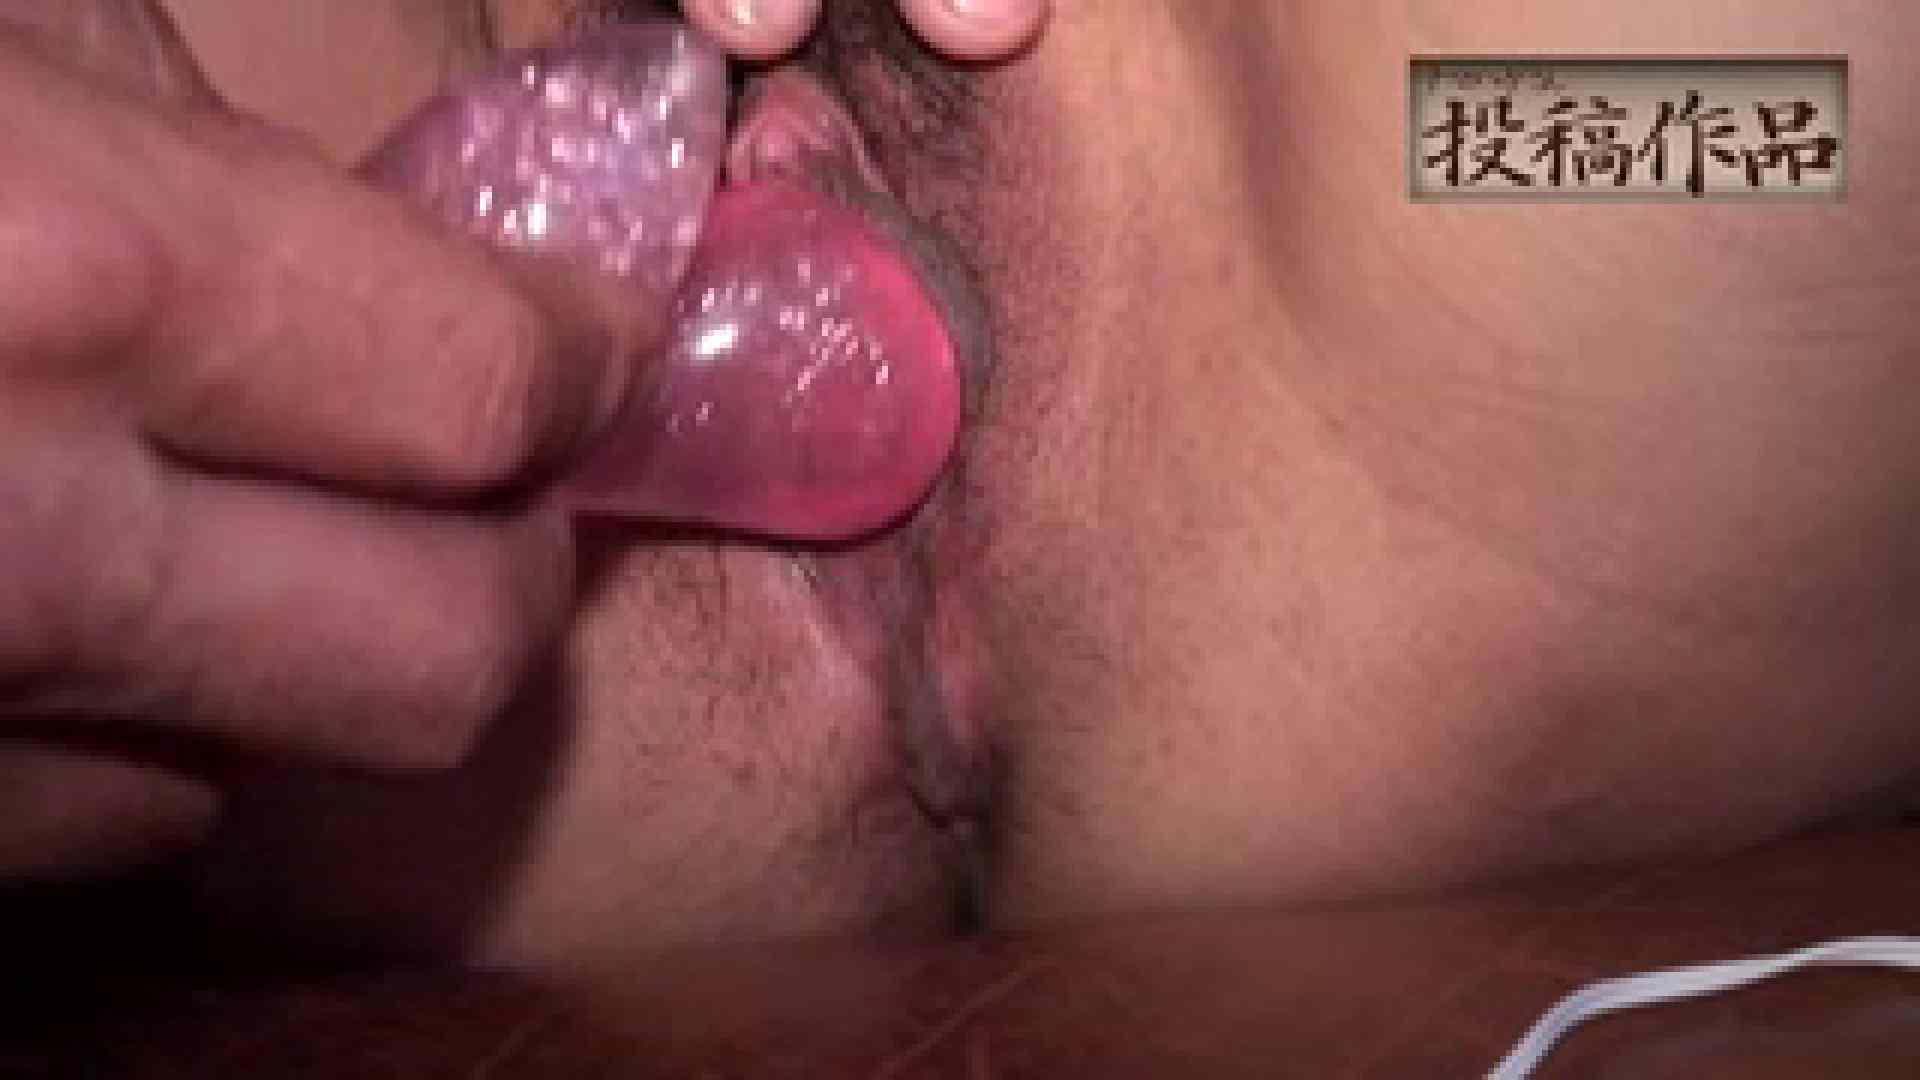 ナマハゲさんのまんこコレクション kana 人妻丸裸  81pic 70